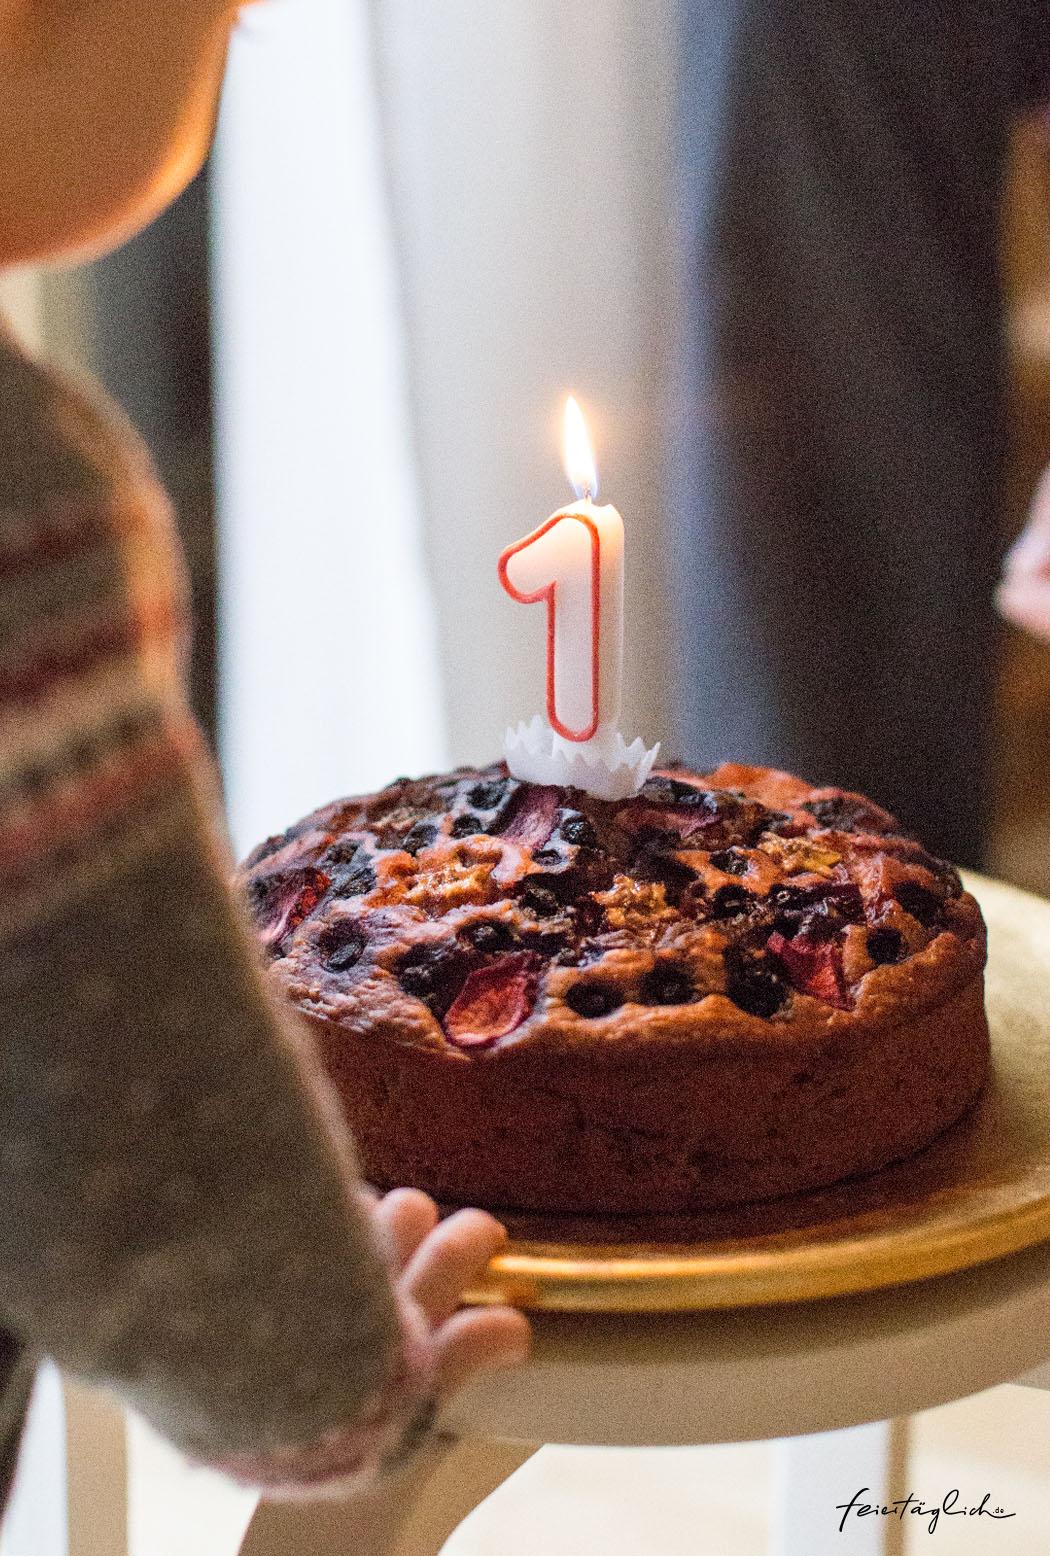 Gesunder Kuchen zum 1.Gebrtstag,: Mein allerliebstes Bananenbrot (zuckerfrei & vegan) – ein wunderbar wandelbares Grundrezept von Kindergeburtstagskuchen bis Frühstückssnack